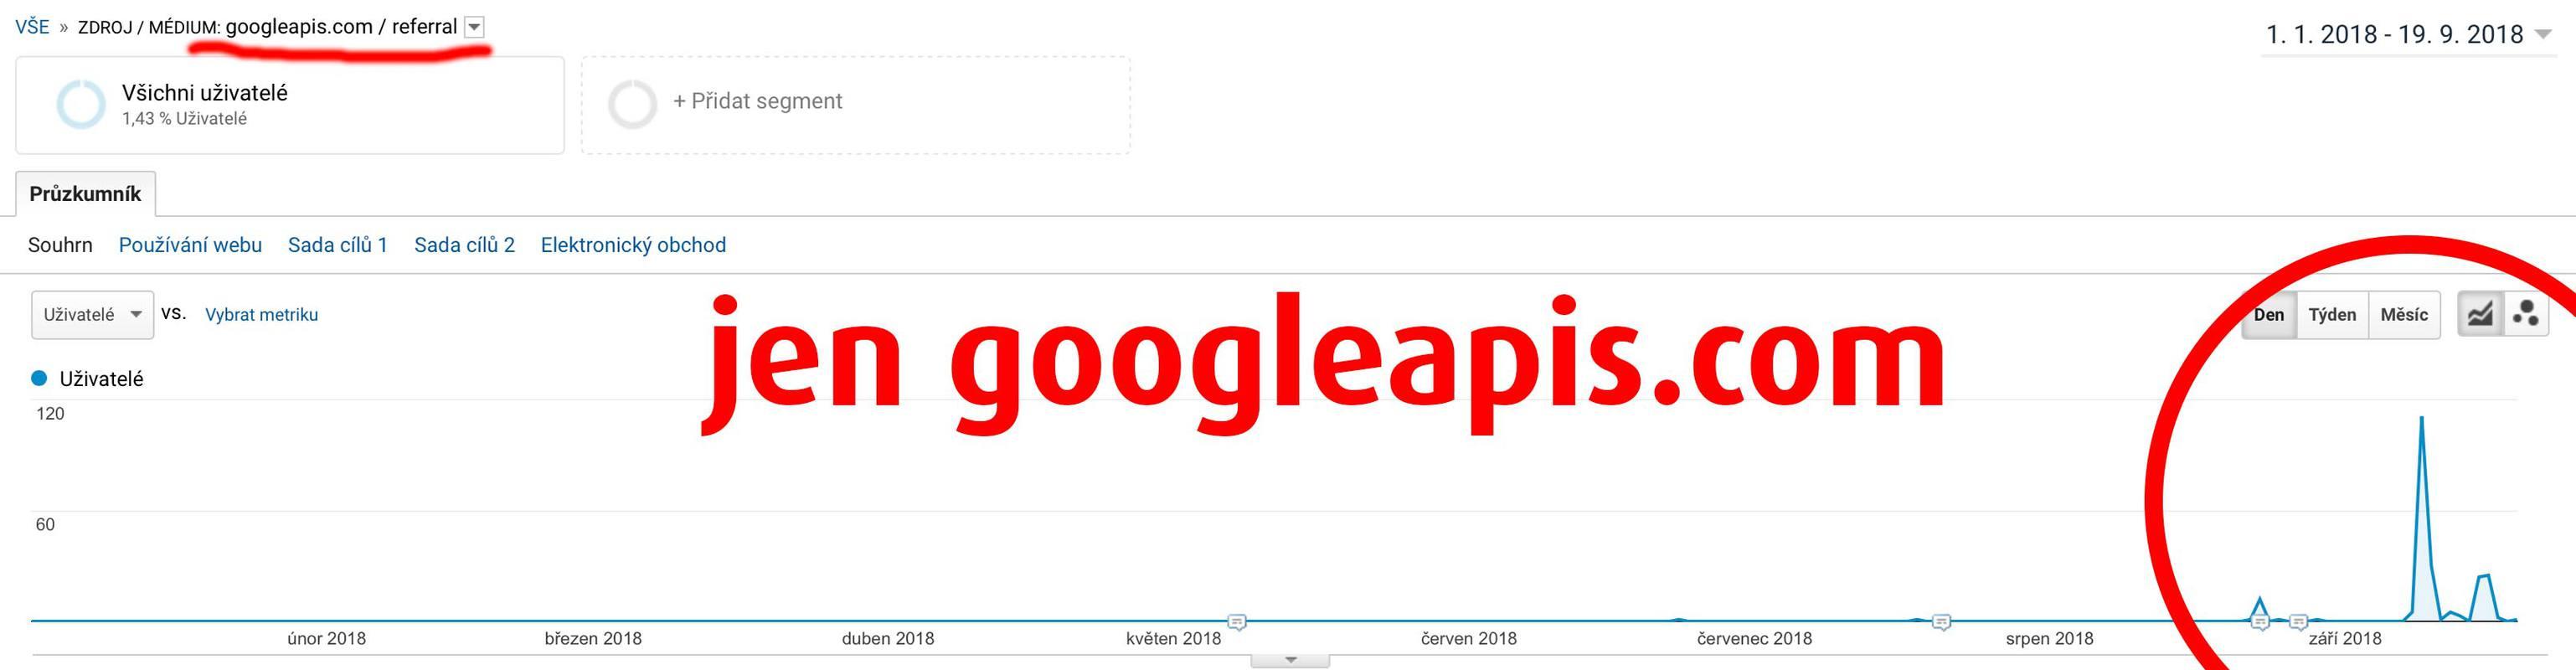 Návštěvnost blogu jen z googleapis.com